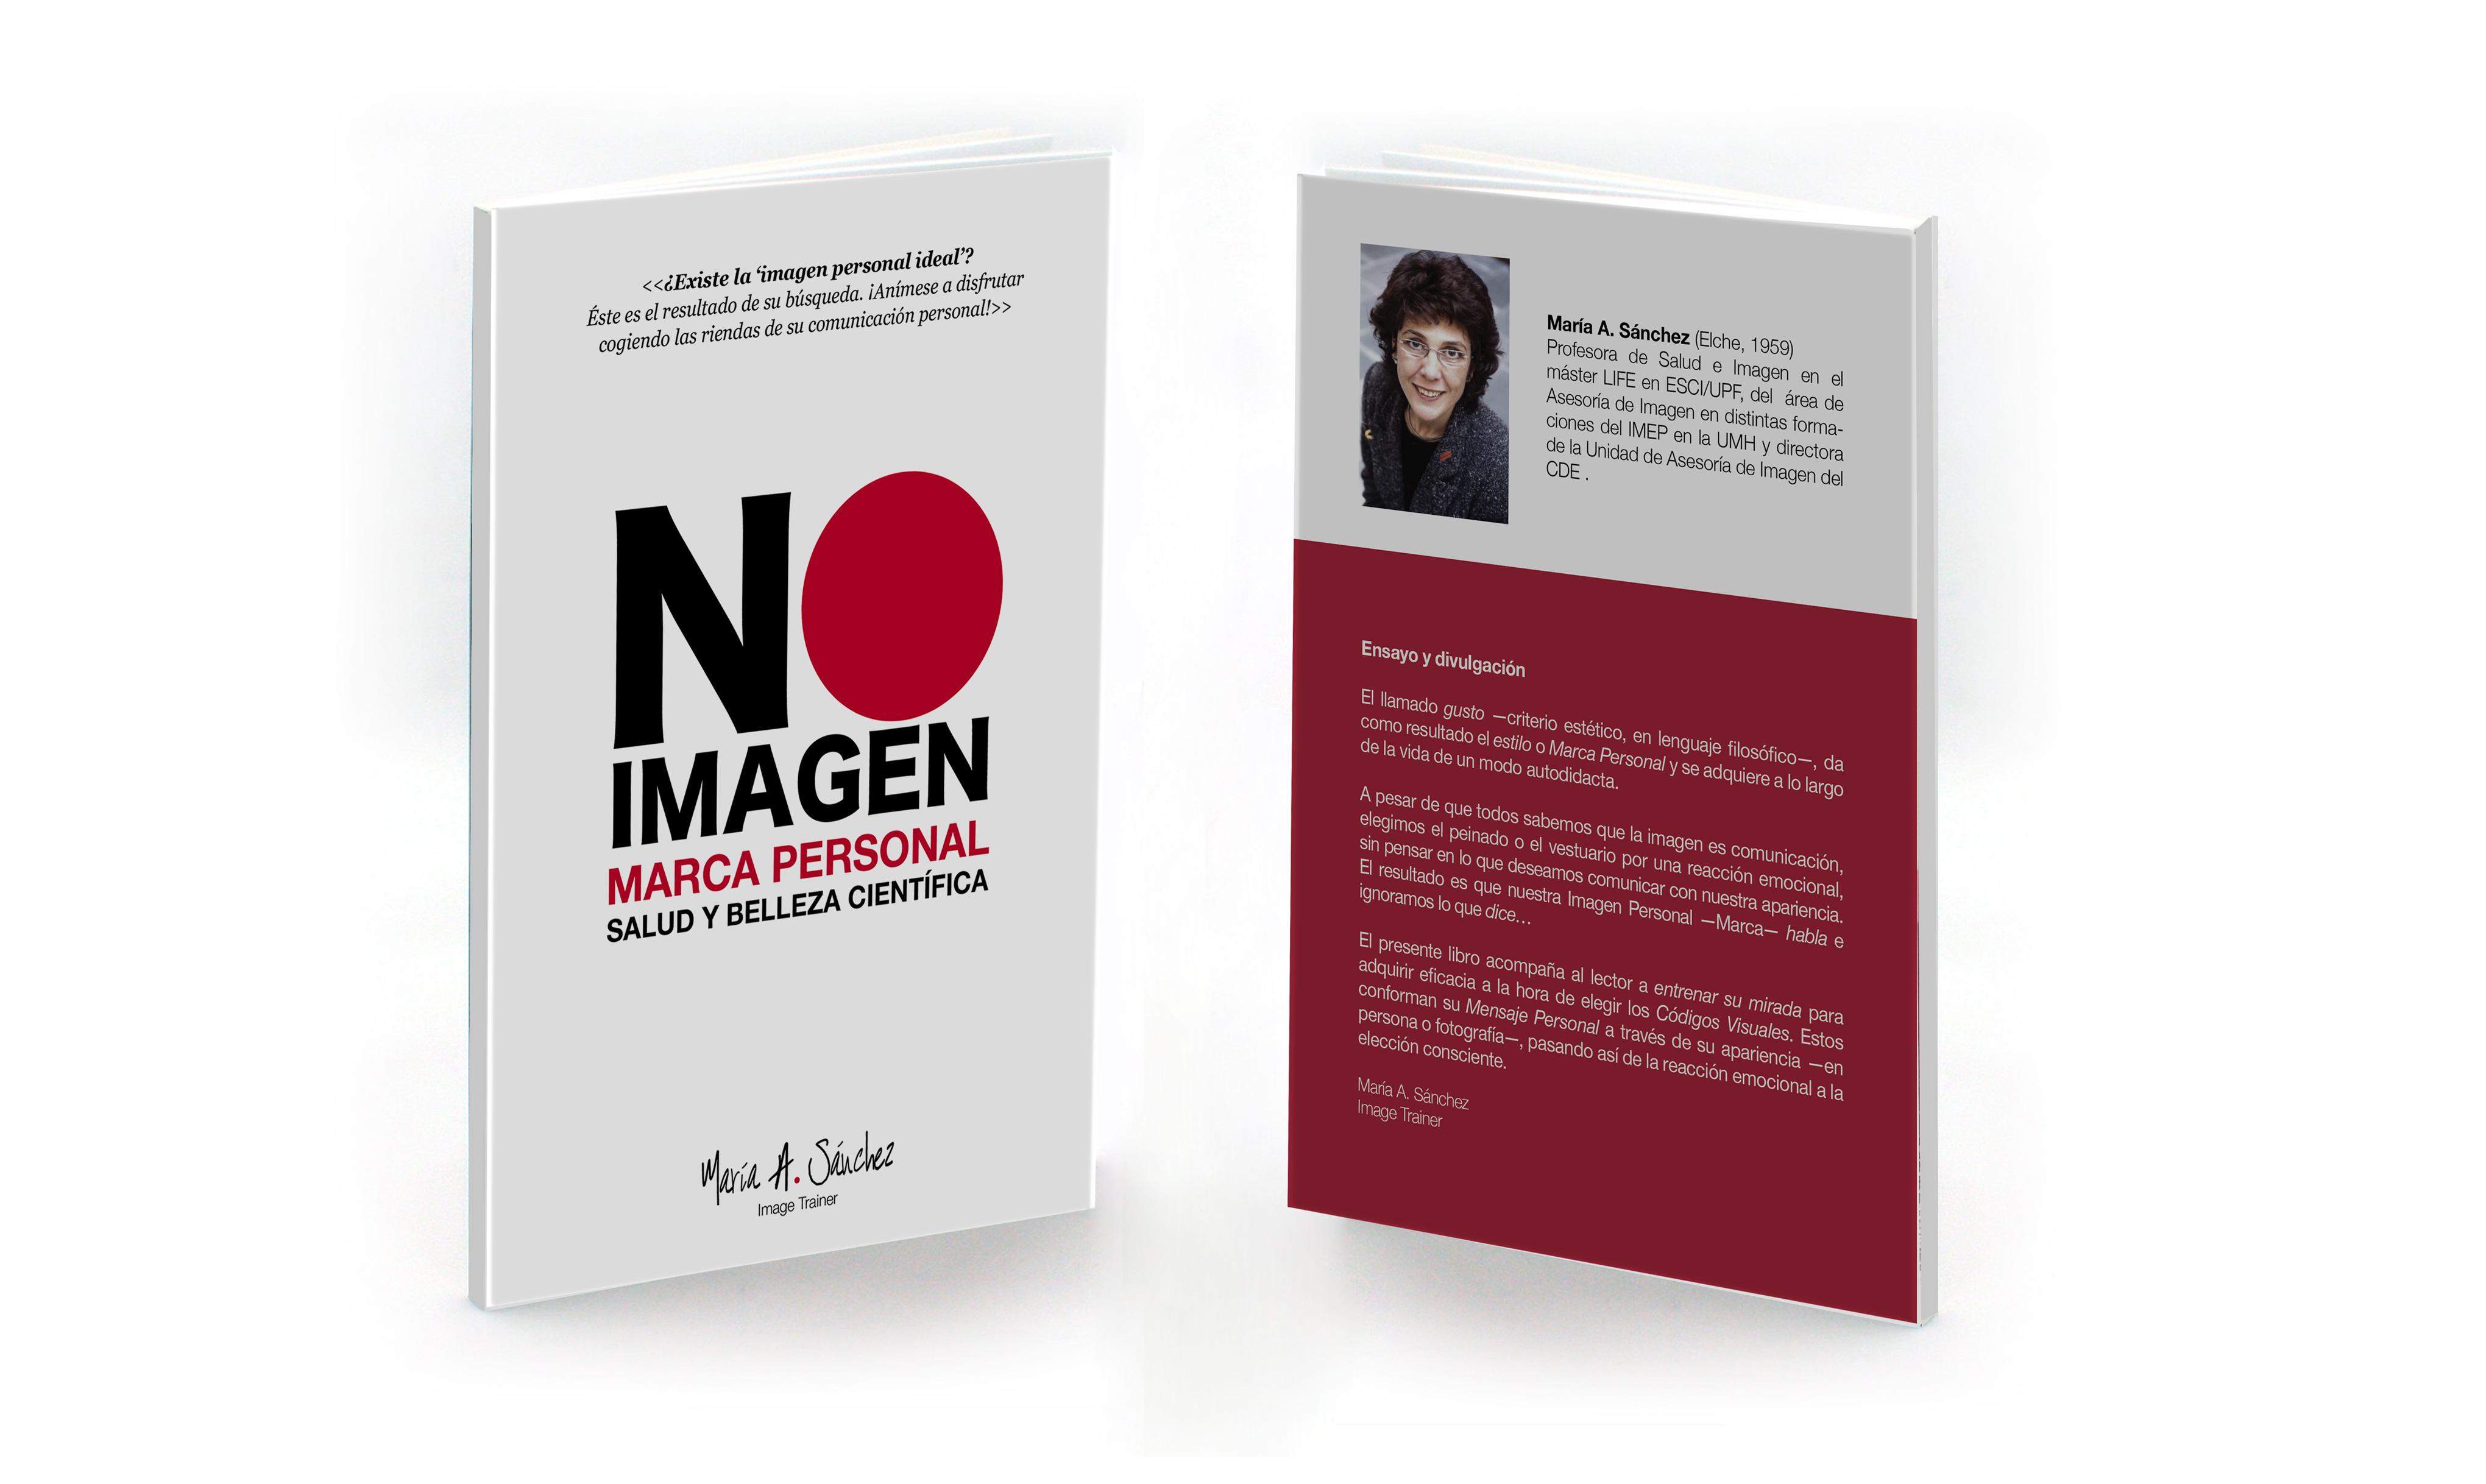 Imagen Personal y Marca Personal